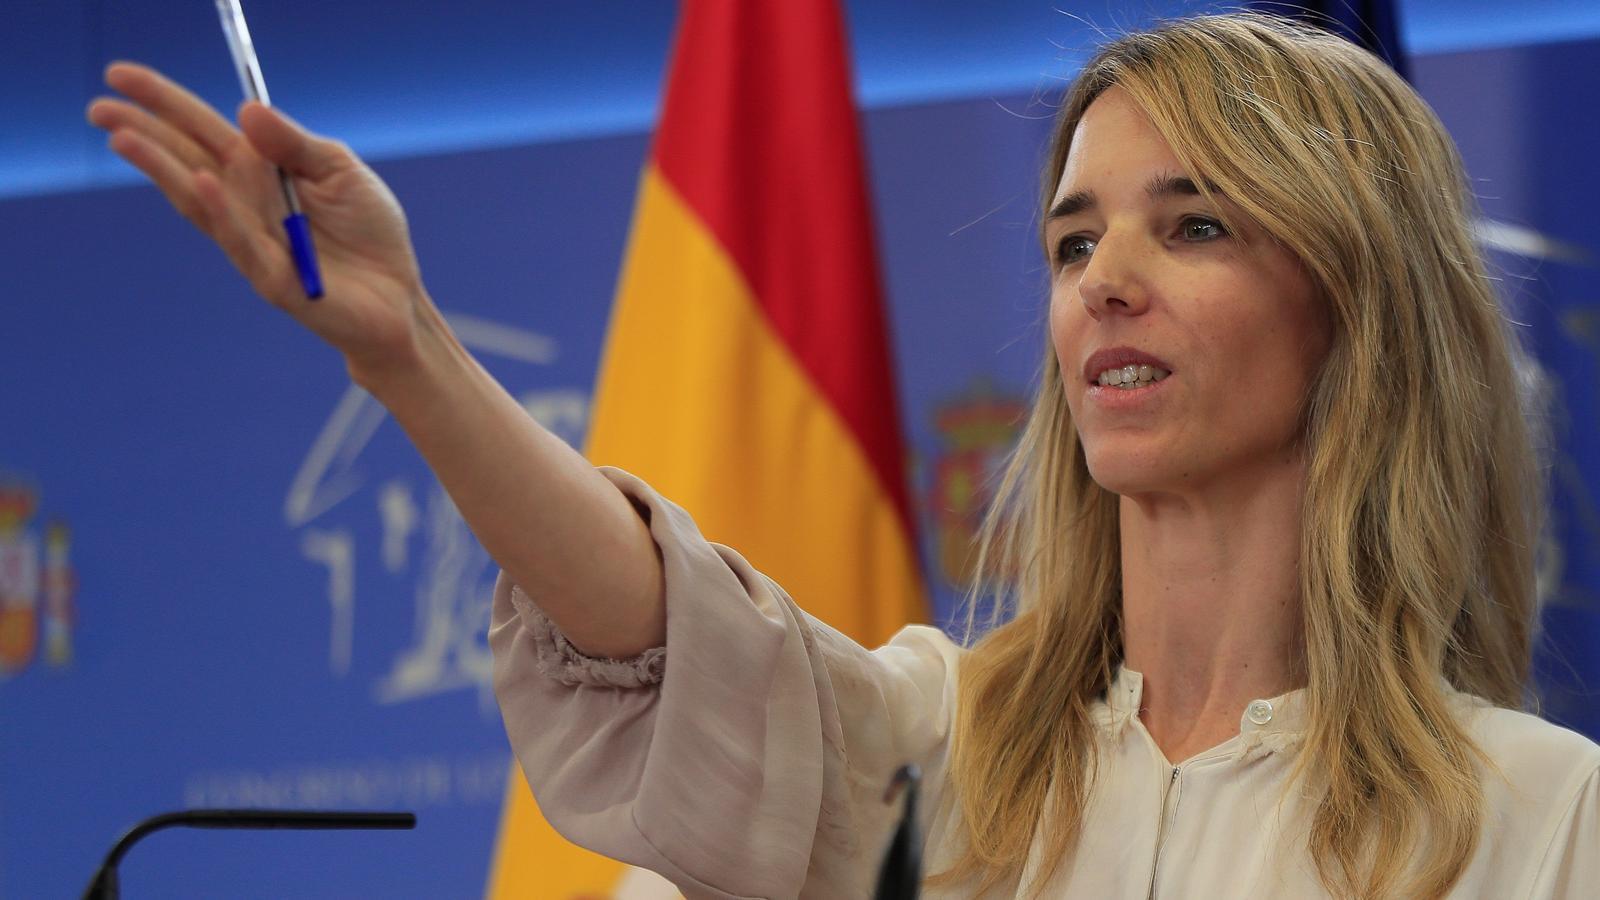 La portaveu del PP al Congrés, Cayetana Álvarez de Toledo, en roda de premsa a la cambra baixa.